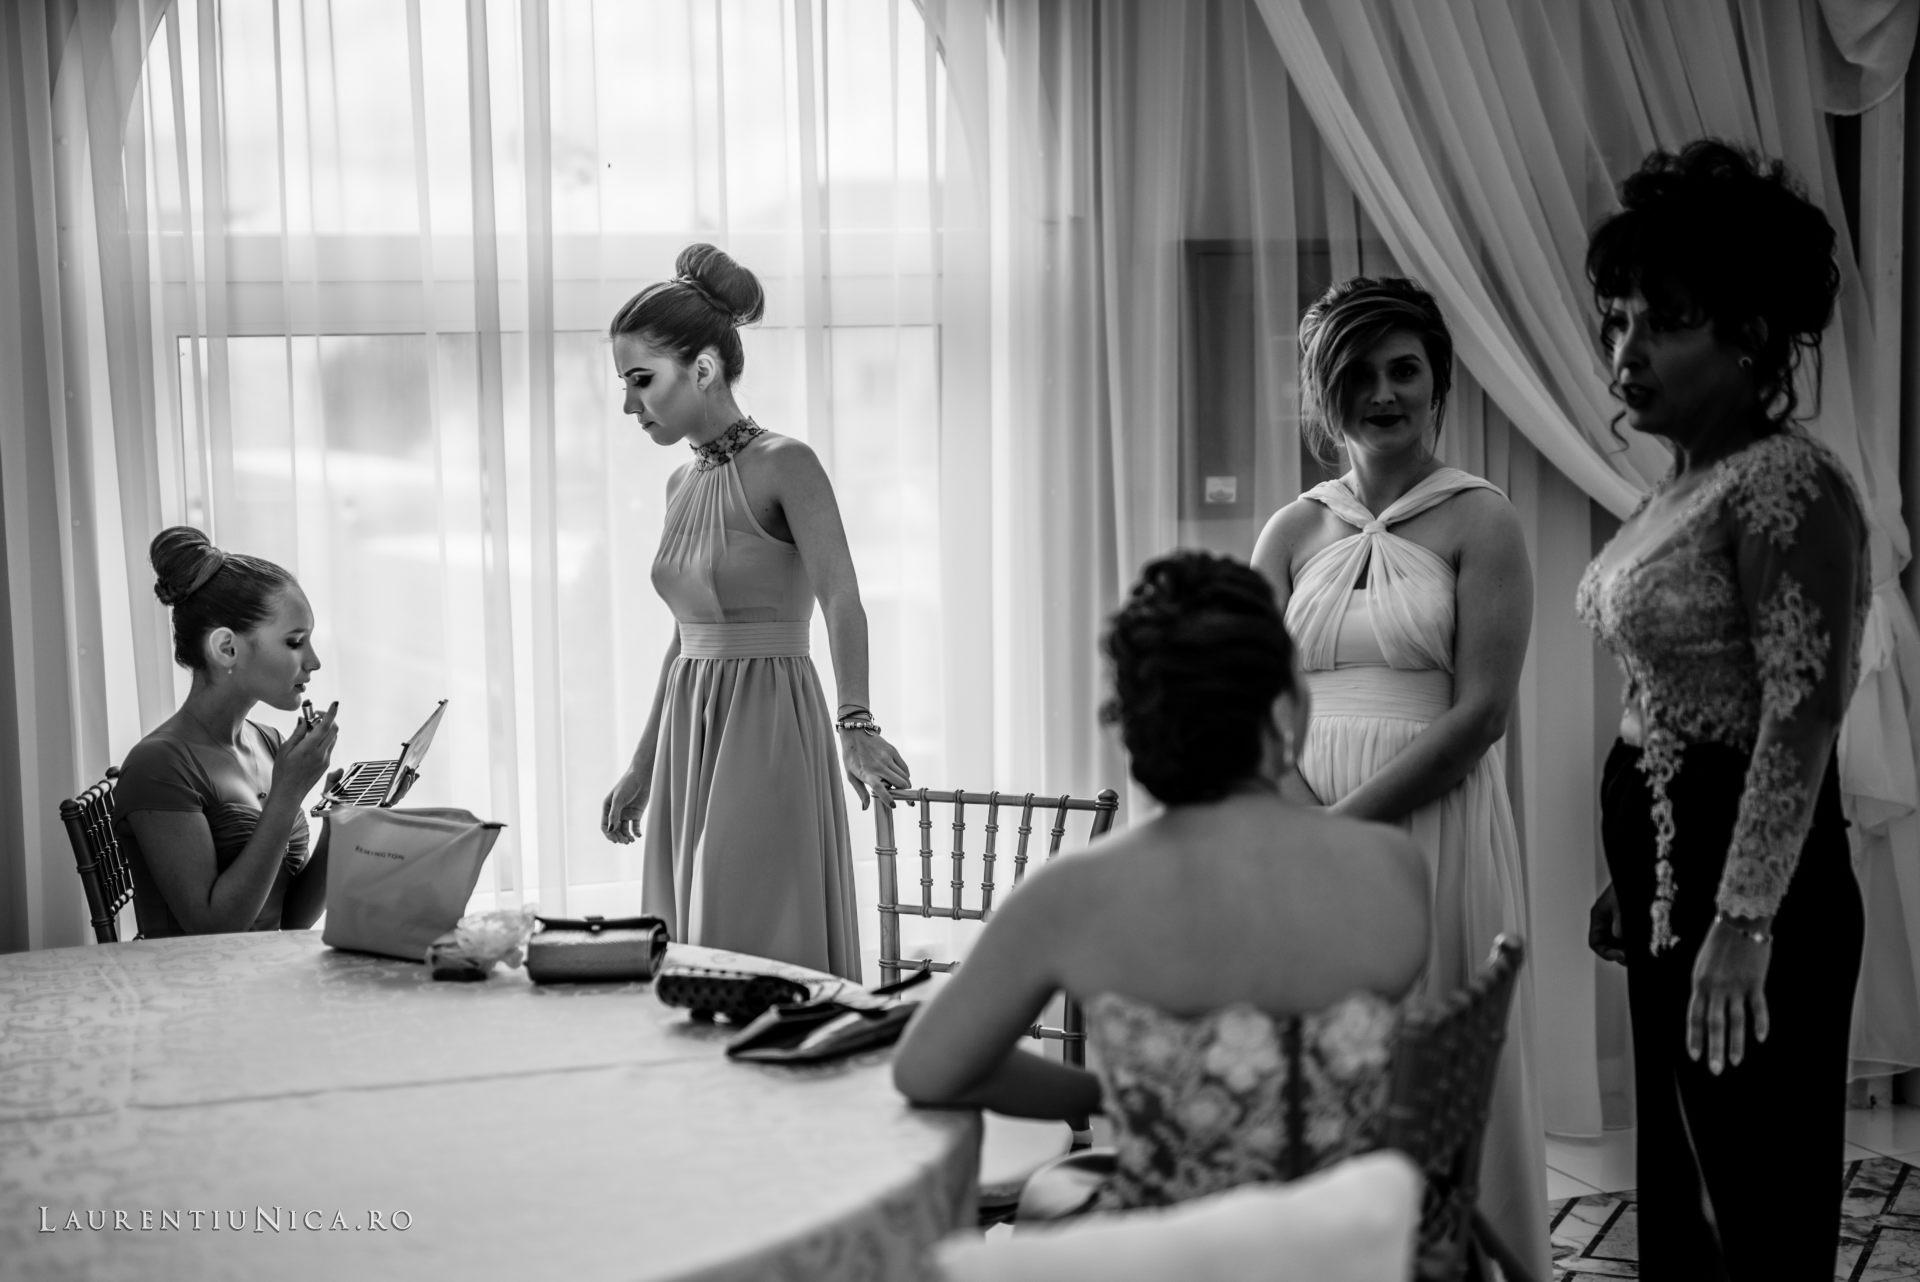 denisa si catalin fotograf nunta laurentiu nica craiova 05 - Denisa si Catalin | Fotografii nunta | Craiova